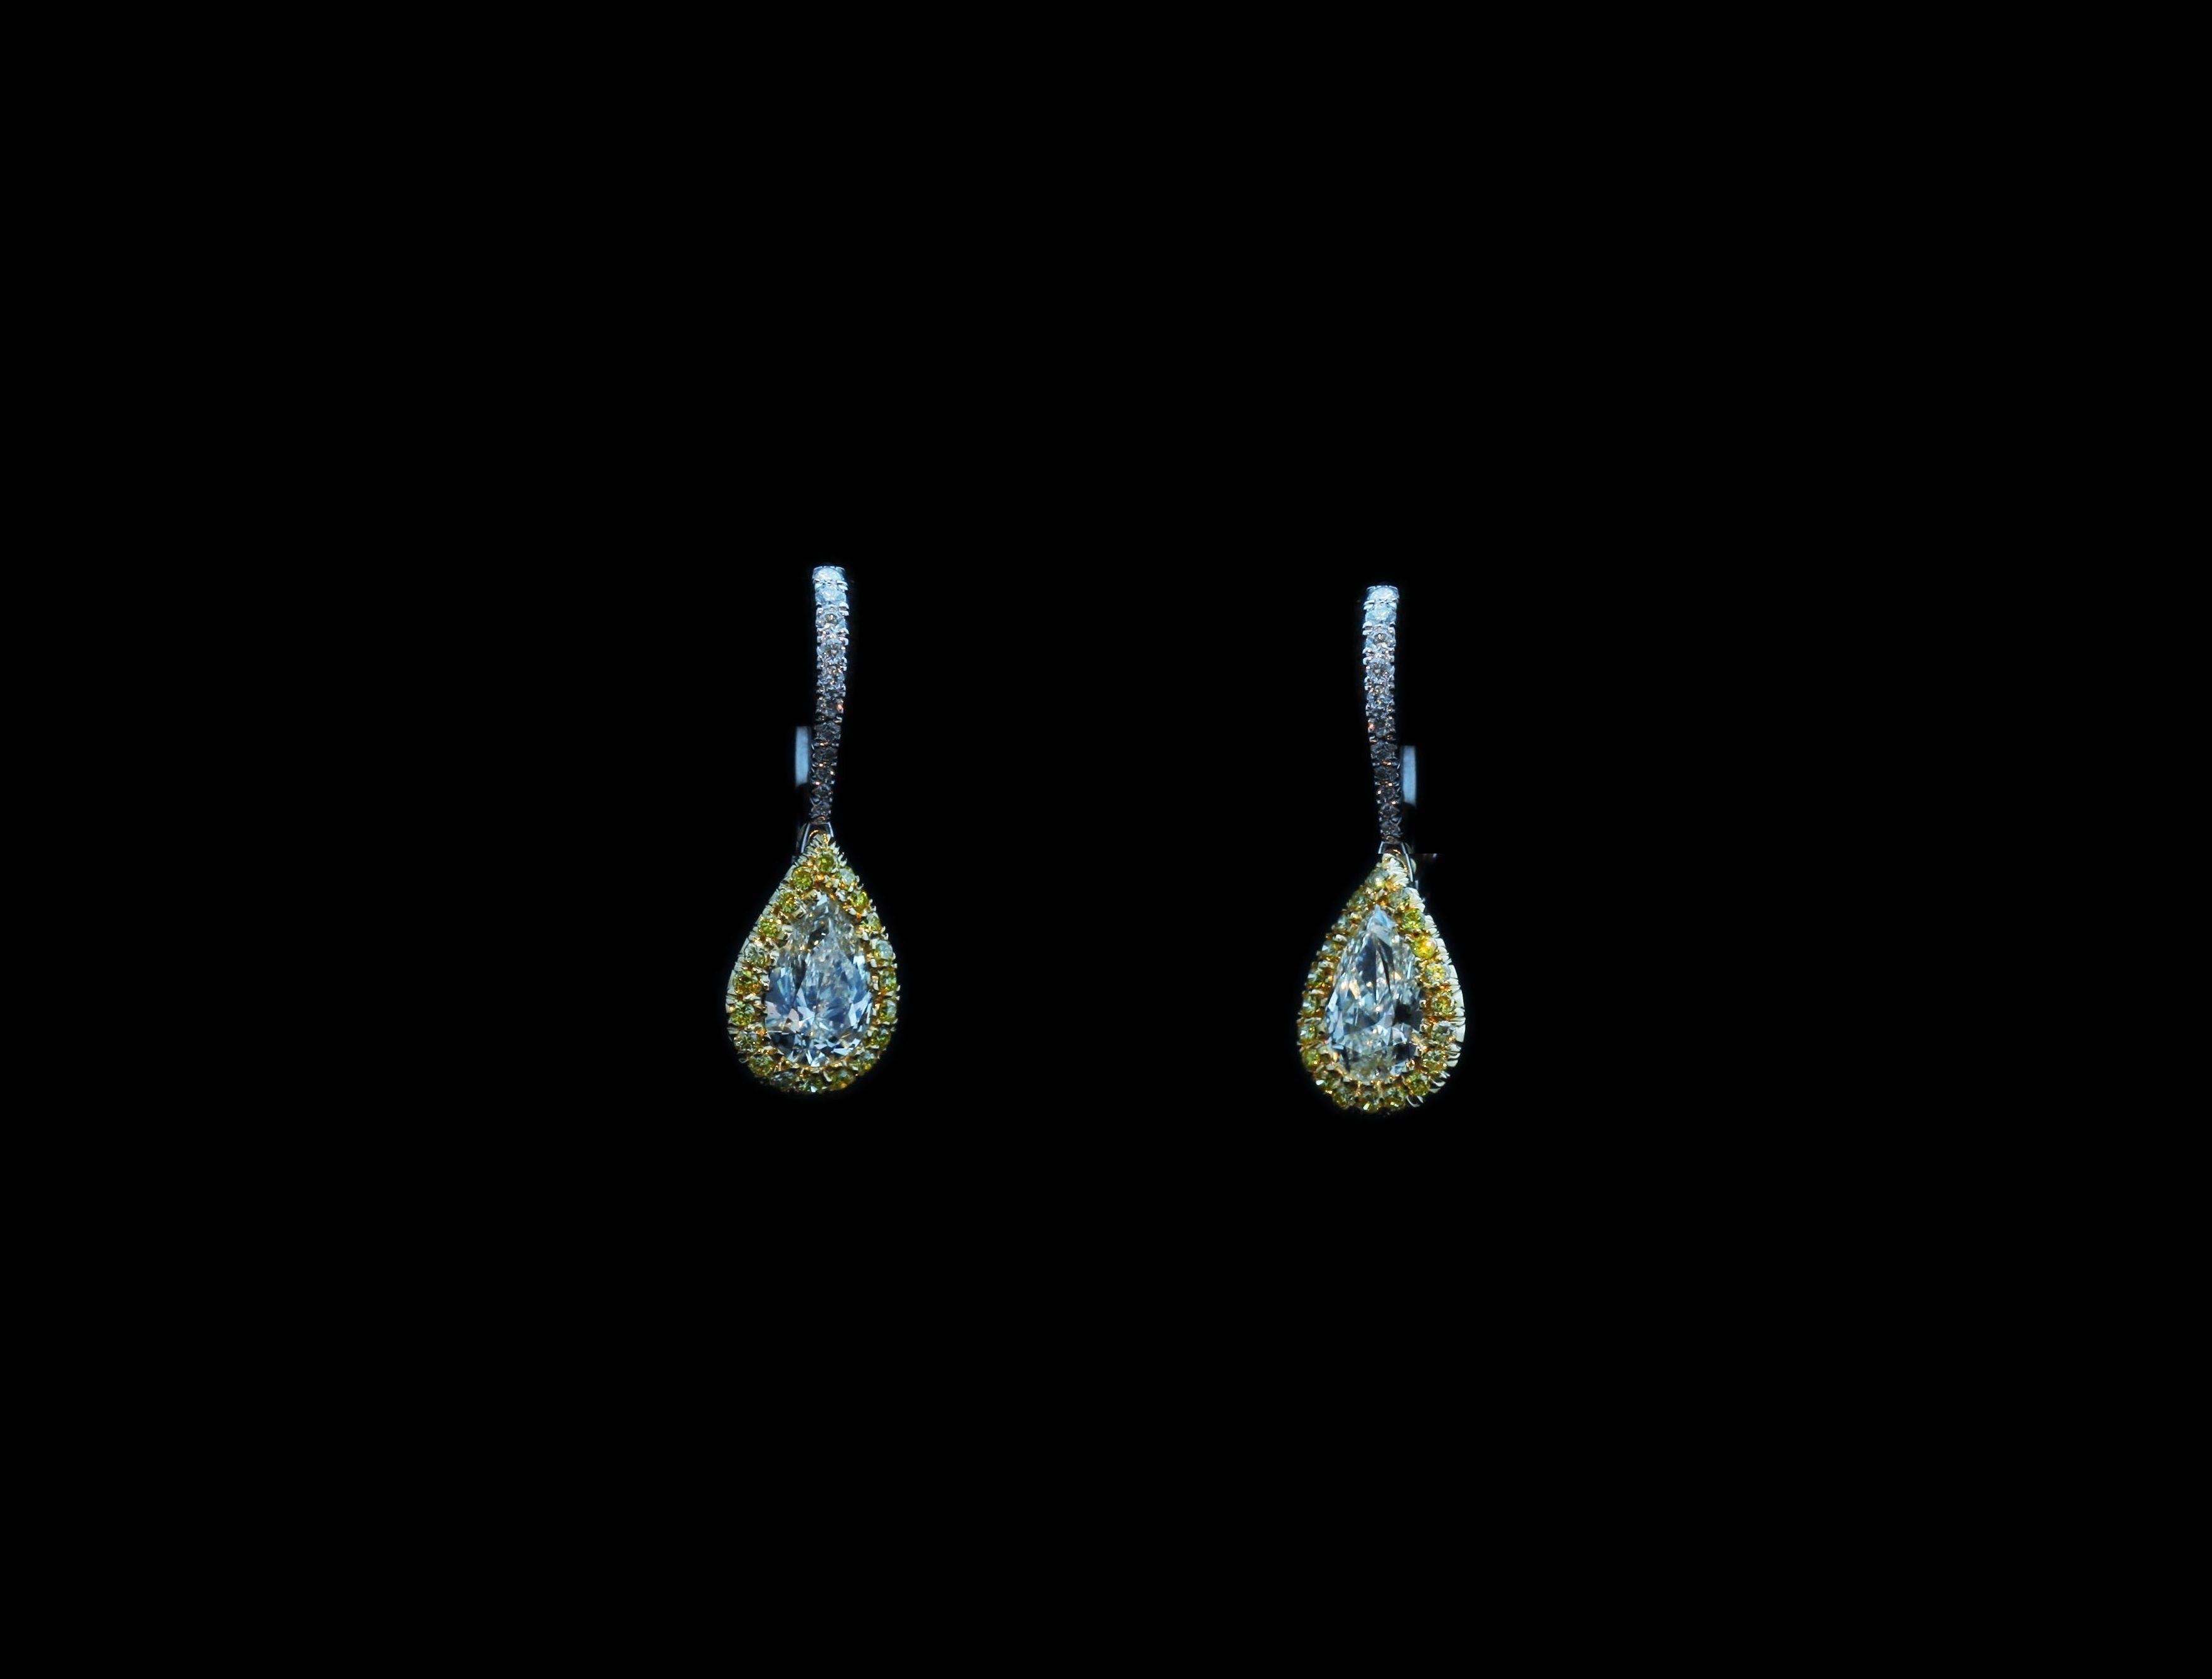 PEAR SHAPE DIAMONDS EARRINGS WITH FANCY INTENSE YELLOW DIAMONDS